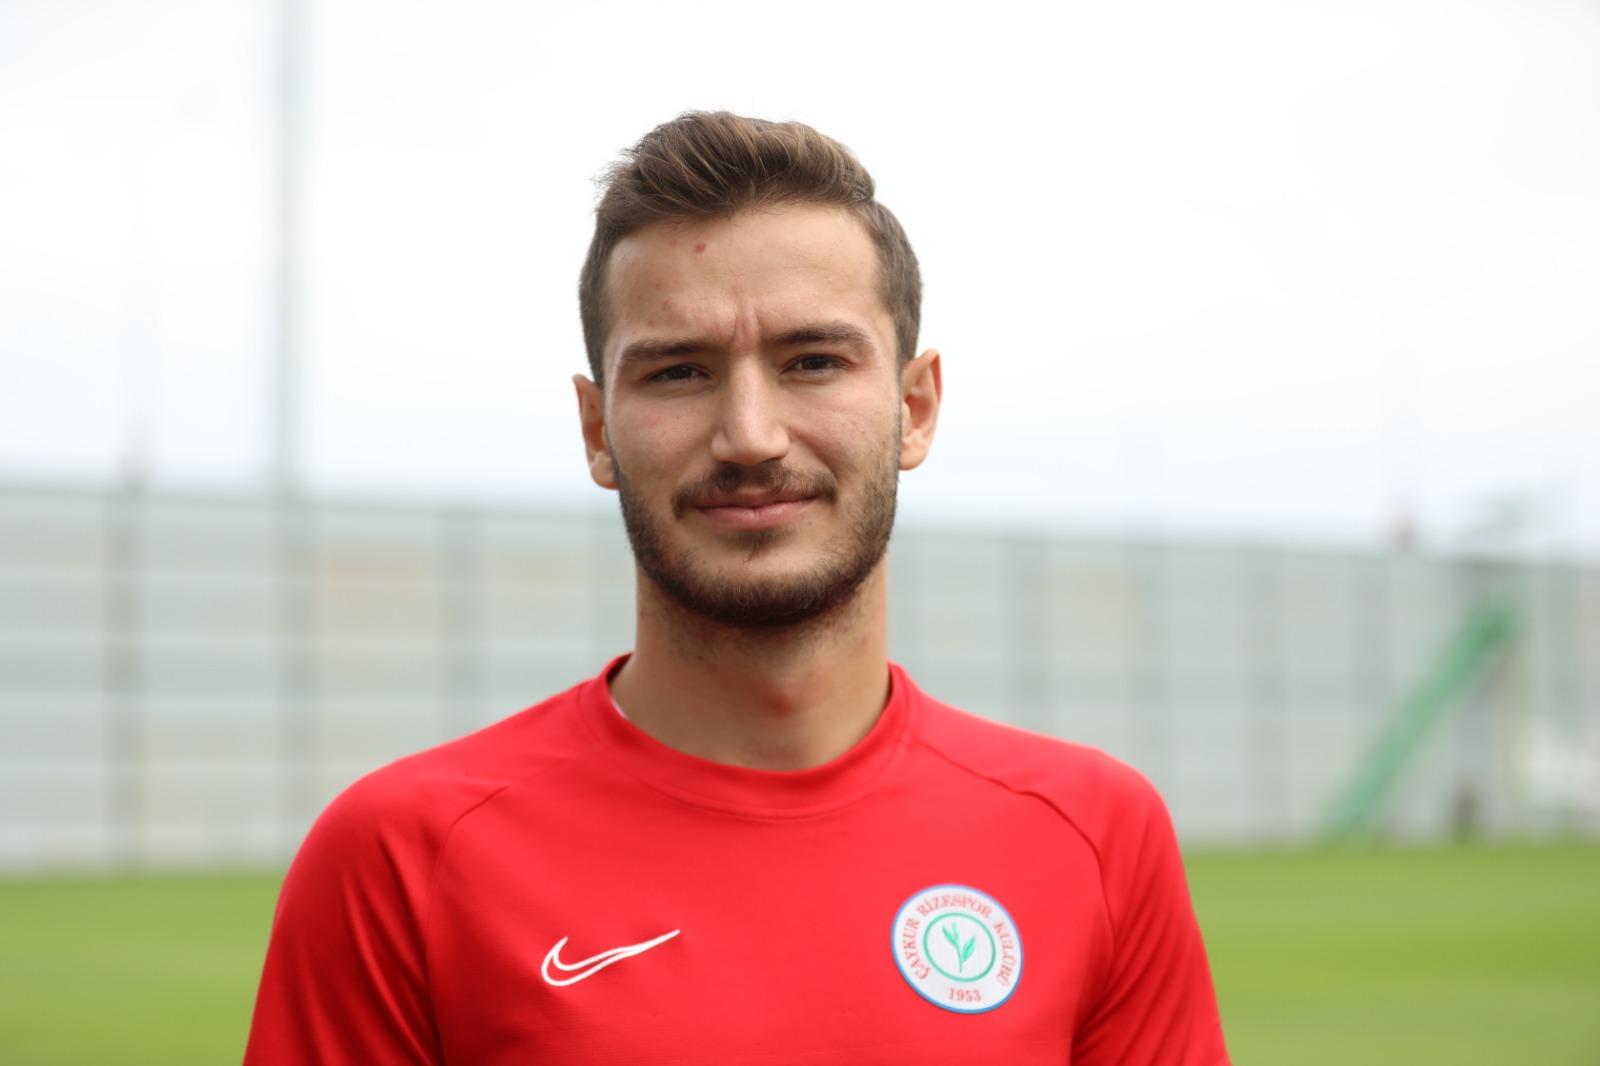 Oğulcan Çağlayan, Beşiktaş maçı ardından Rize'deki basın mensuplarının sorularını yanıtladı